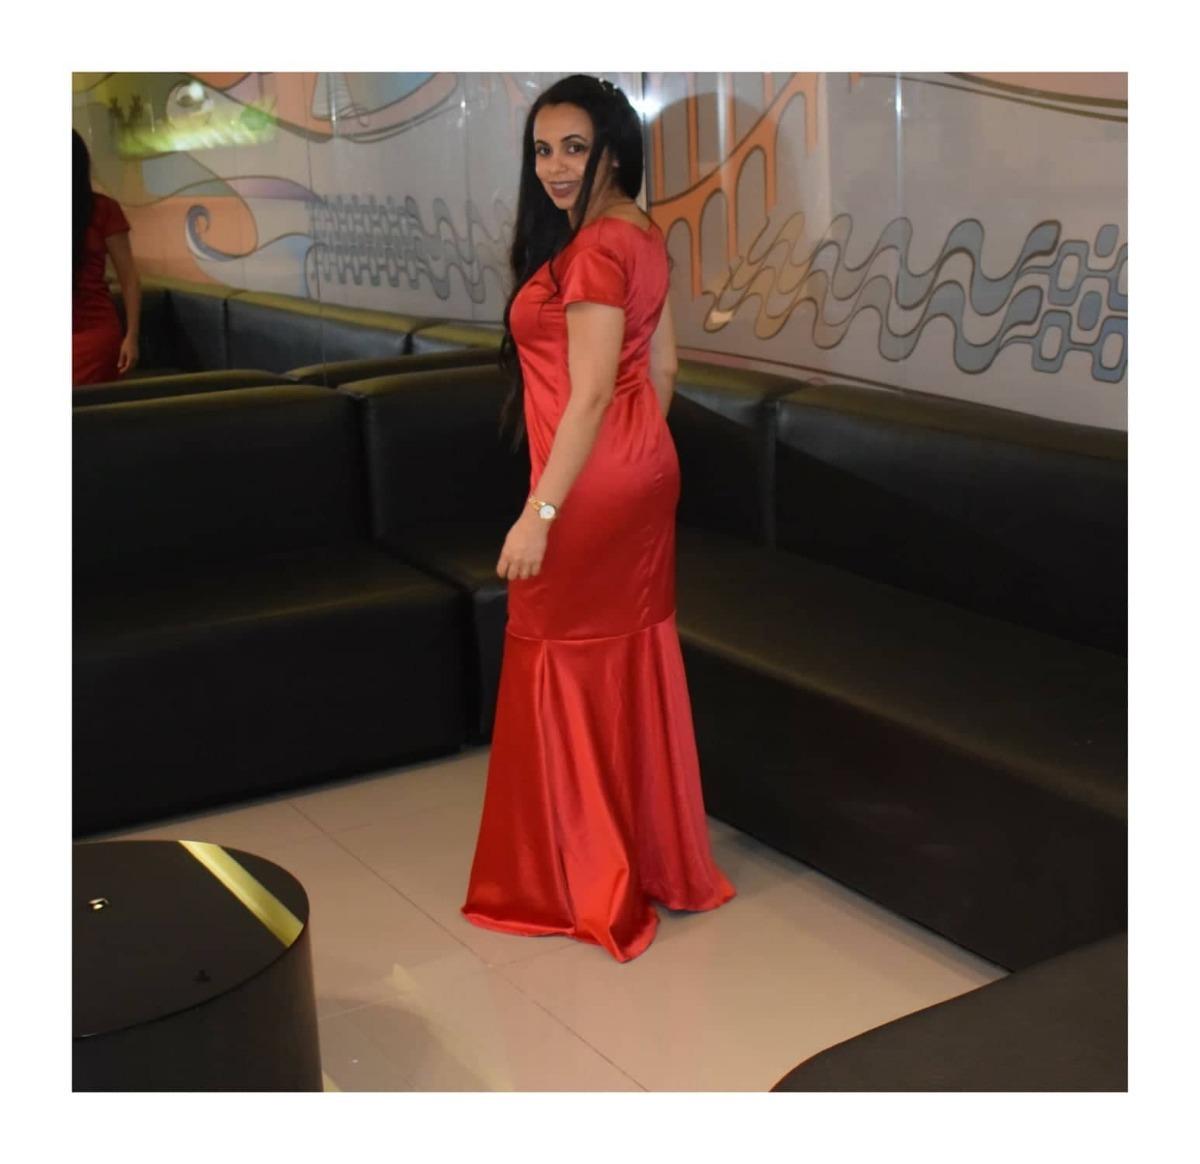 2d3de0174 Vestido Longo Feminino Moda Evangelica Sereia - R$ 160,00 em Mercado ...